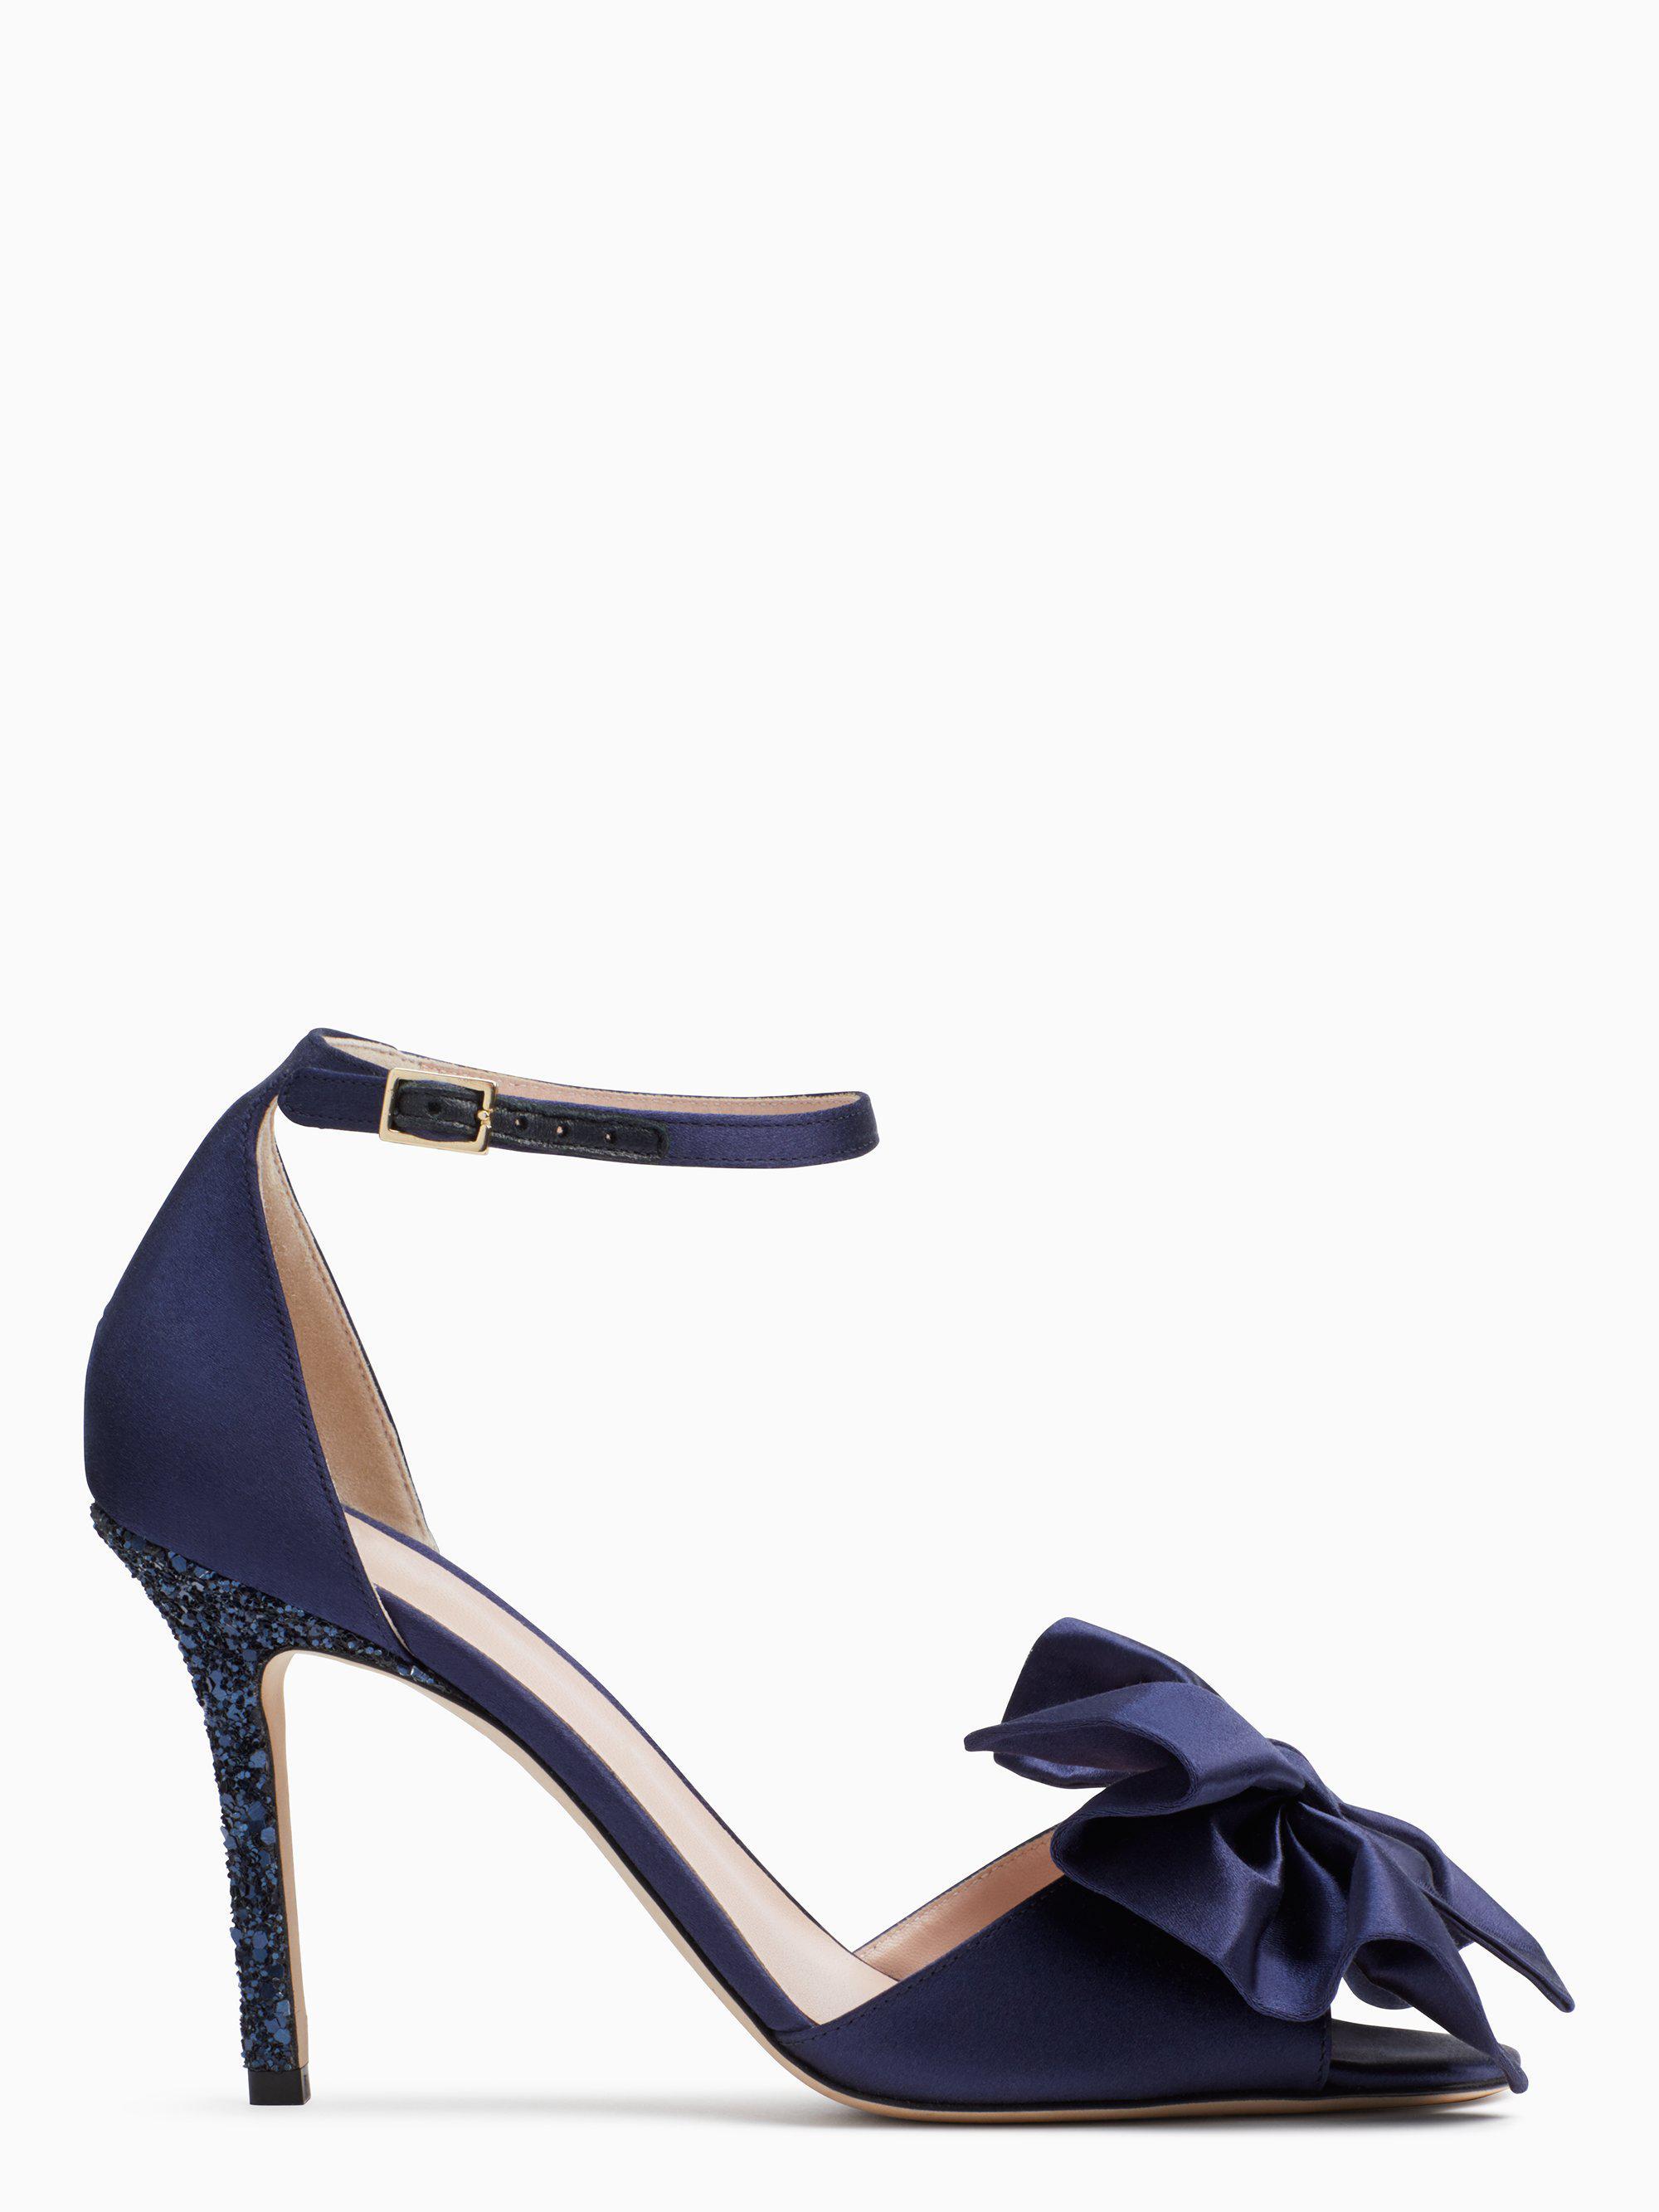 c1a7c8e3b1a5 Lyst - Kate Spade Iveene Sandals in Blue